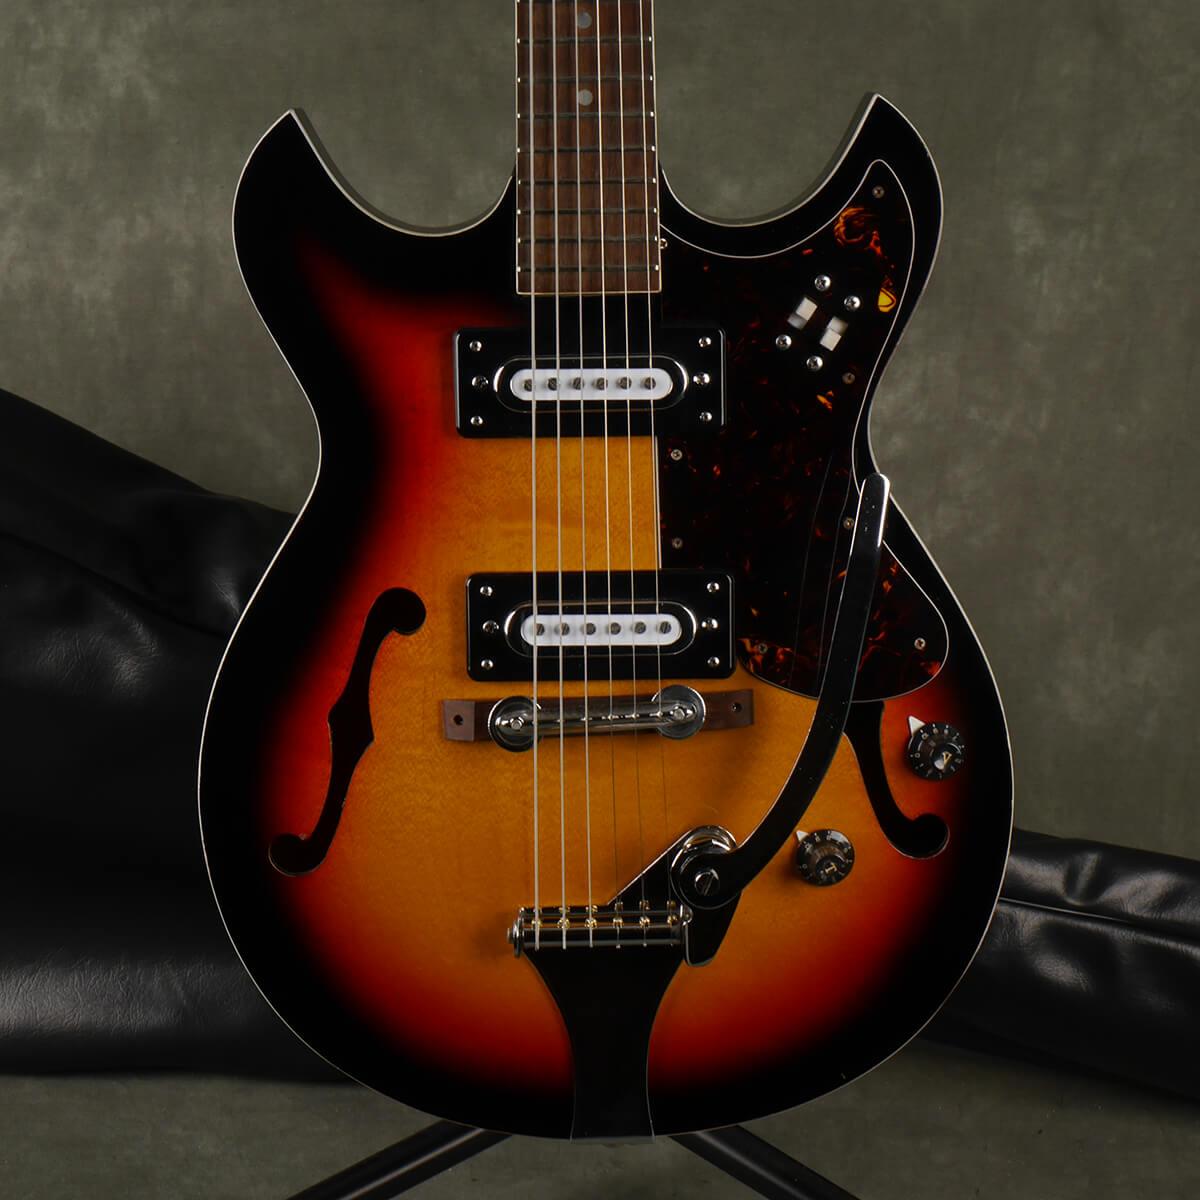 Audition 60s/70s 7003 Guitar - Sunburst w/Gig Bag - 2nd Hand